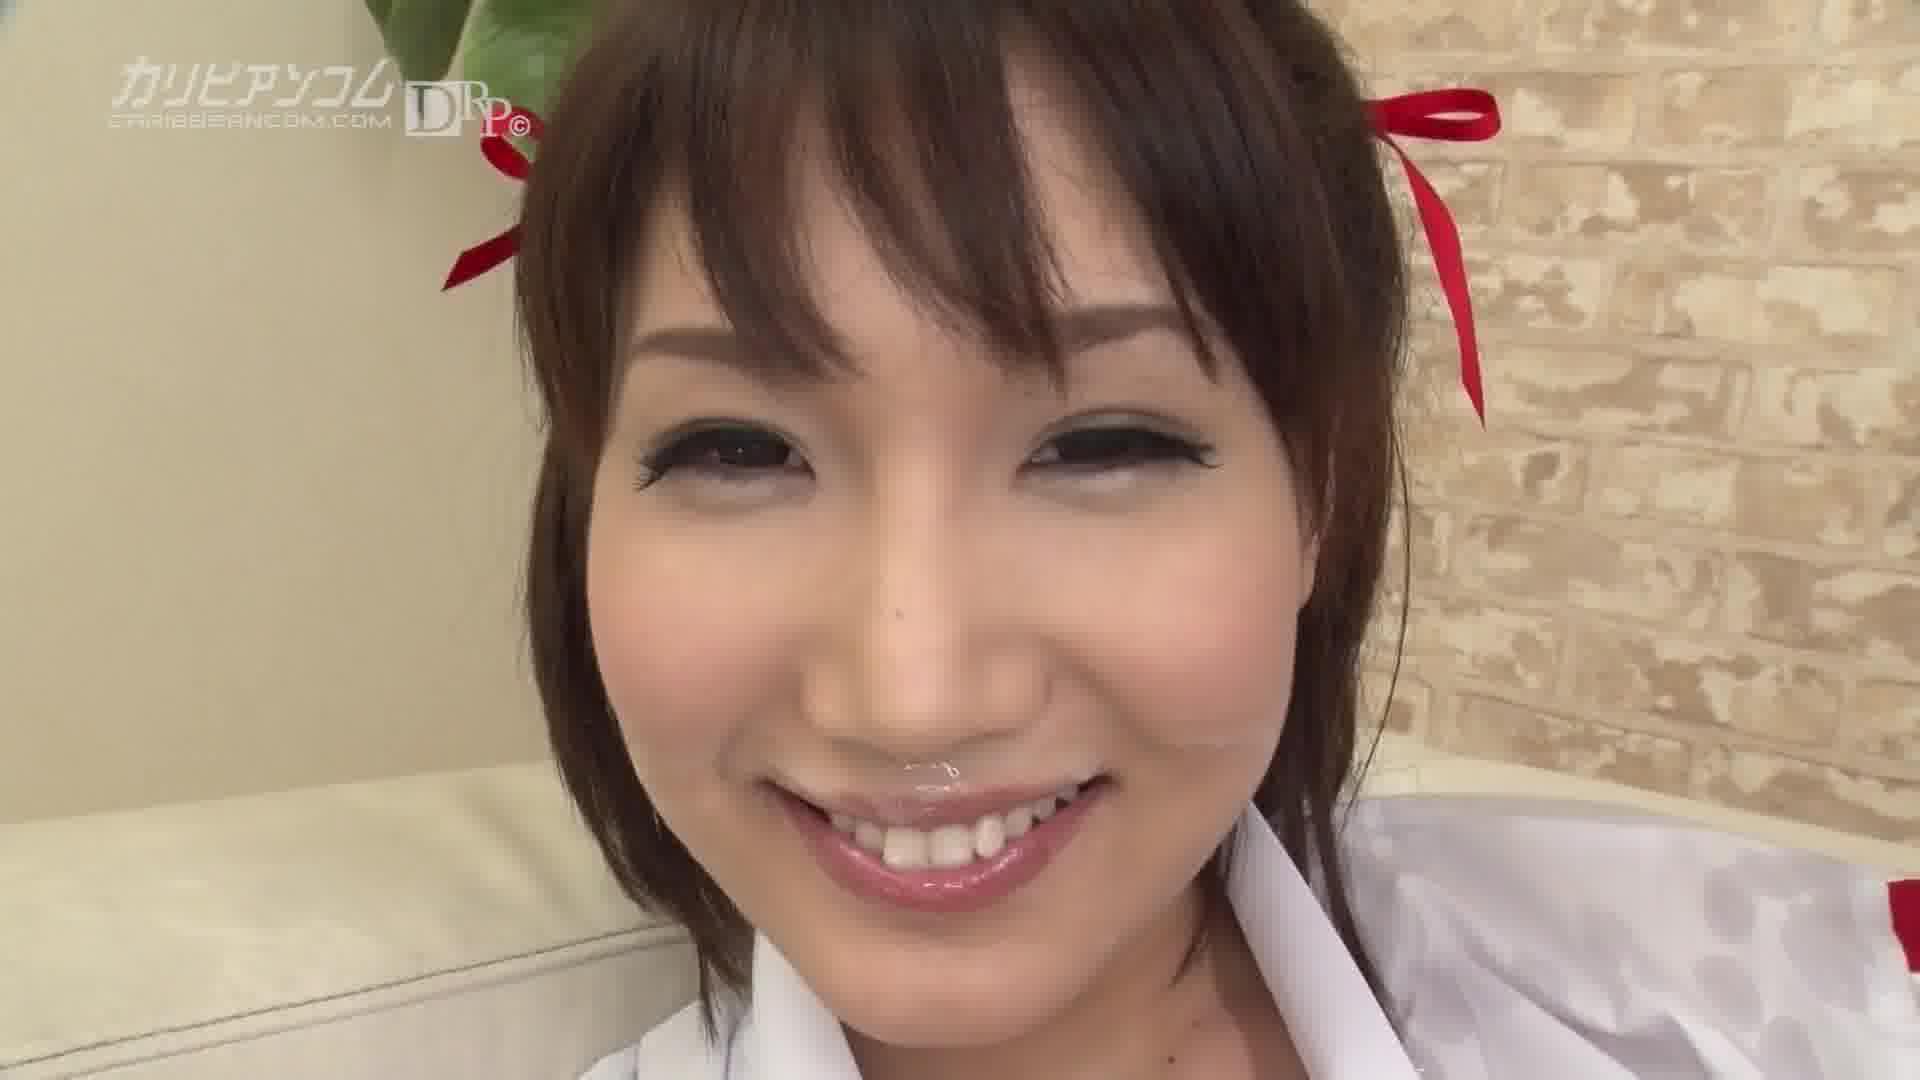 スカイエンジェル 175 パート 1 - 舞咲みくに【コスプレ・看護婦・隠語】